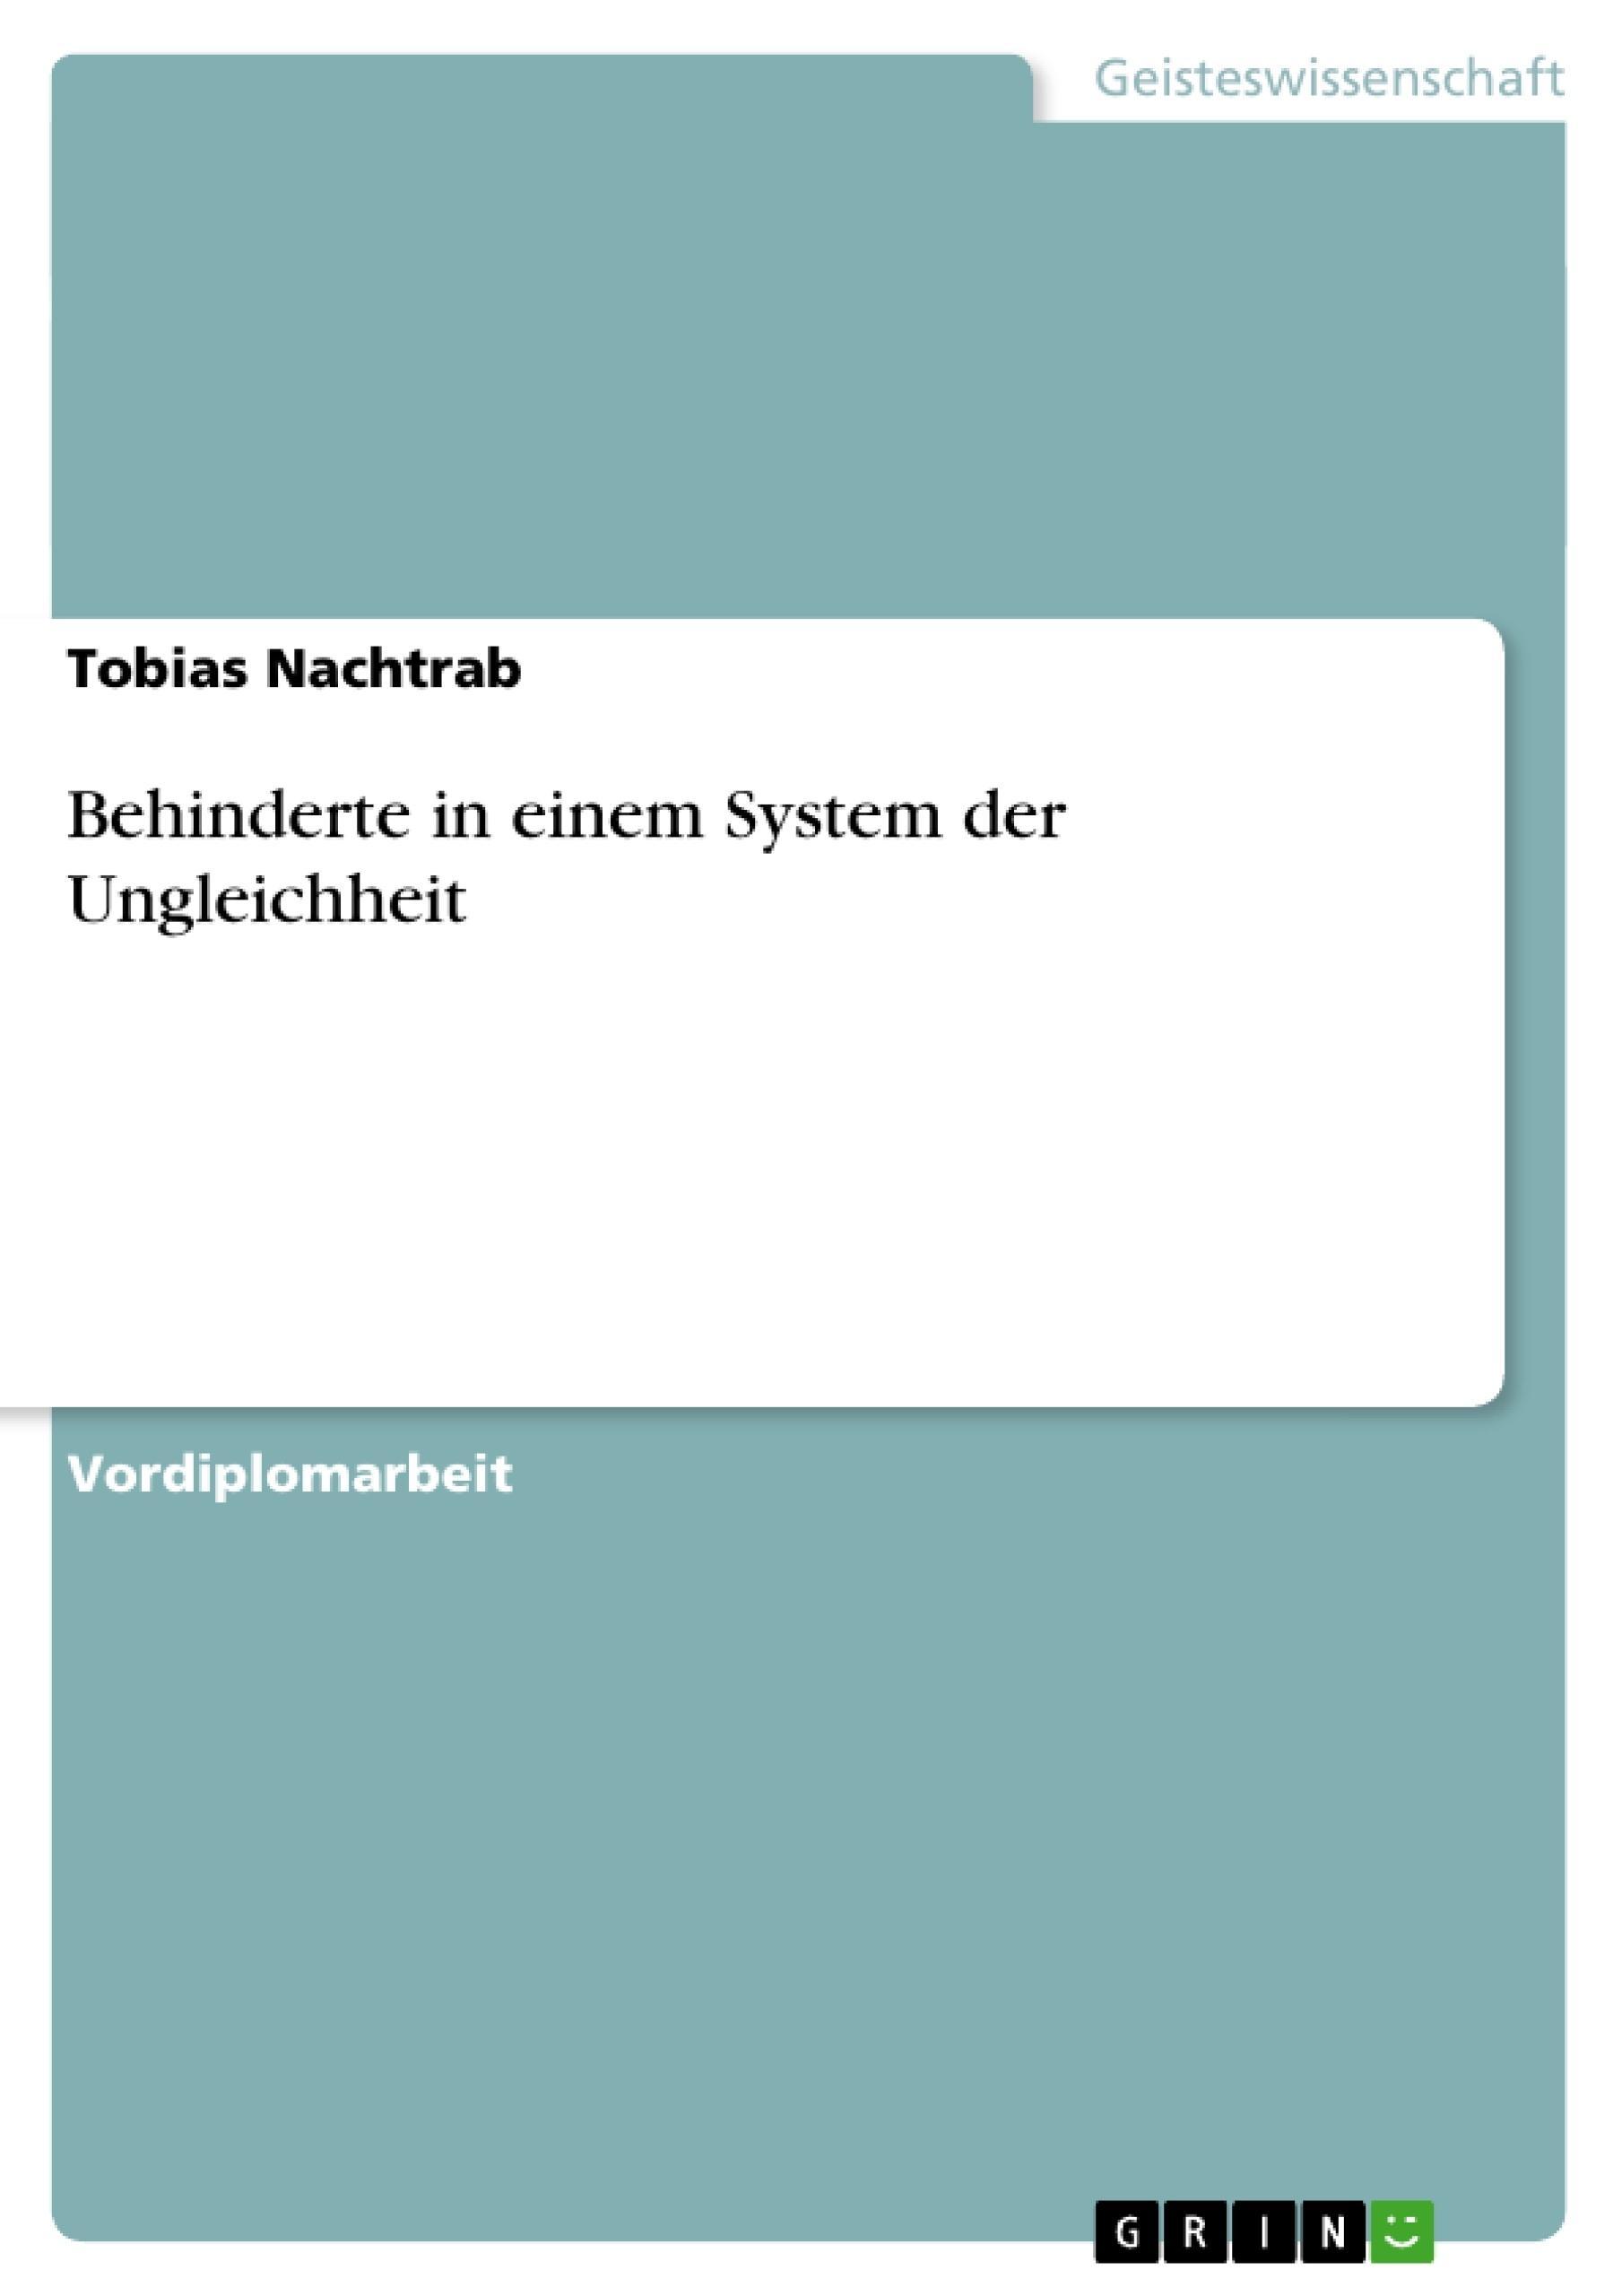 Titel: Behinderte in einem System der Ungleichheit